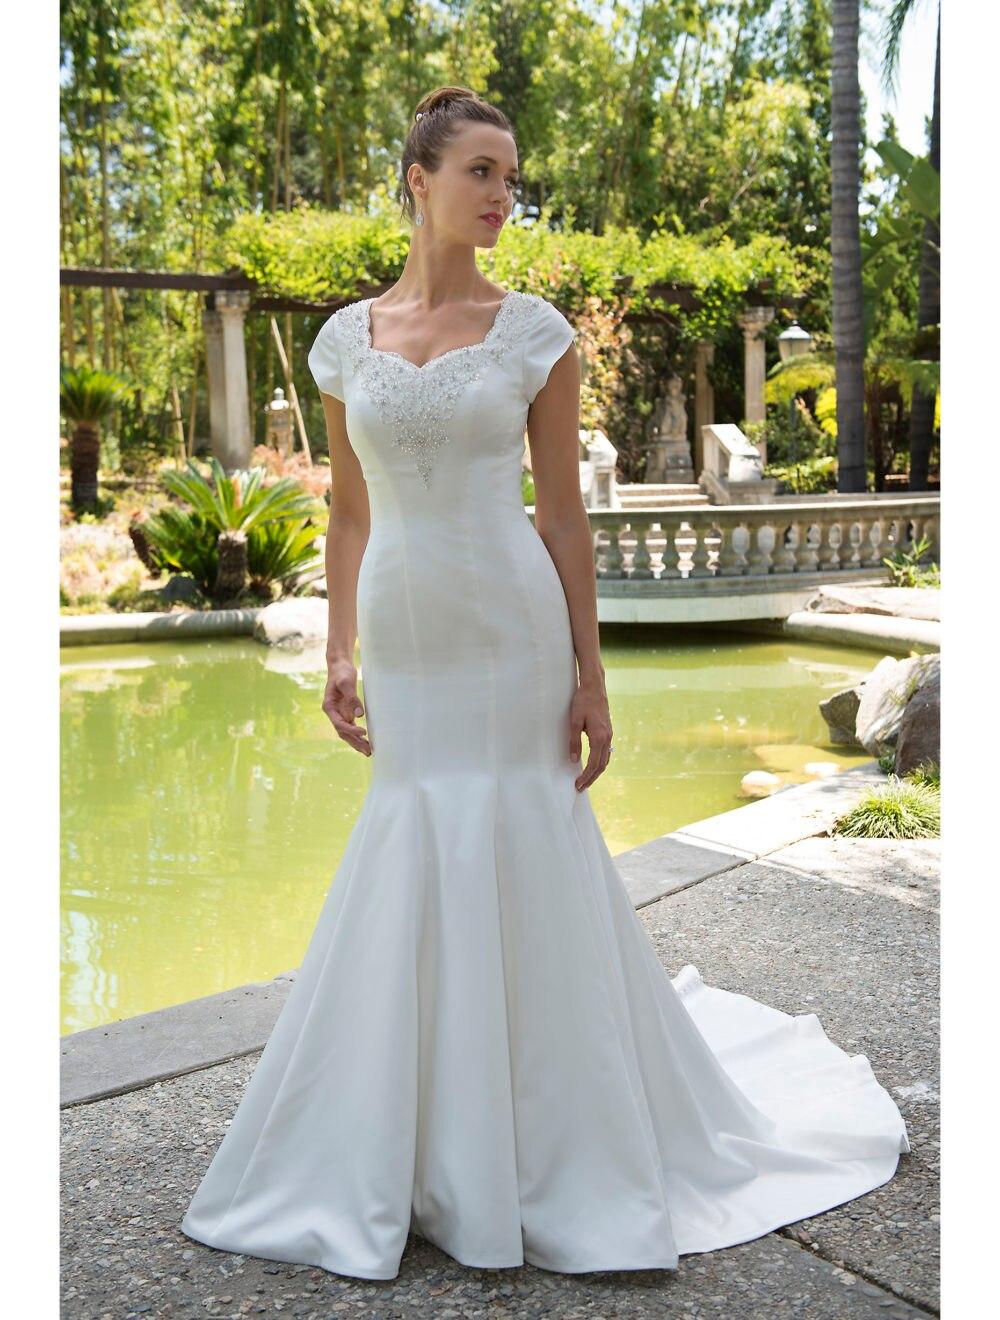 Vestido De Noiva Mermaid Modest Wedding Dresses 2019 With Cap